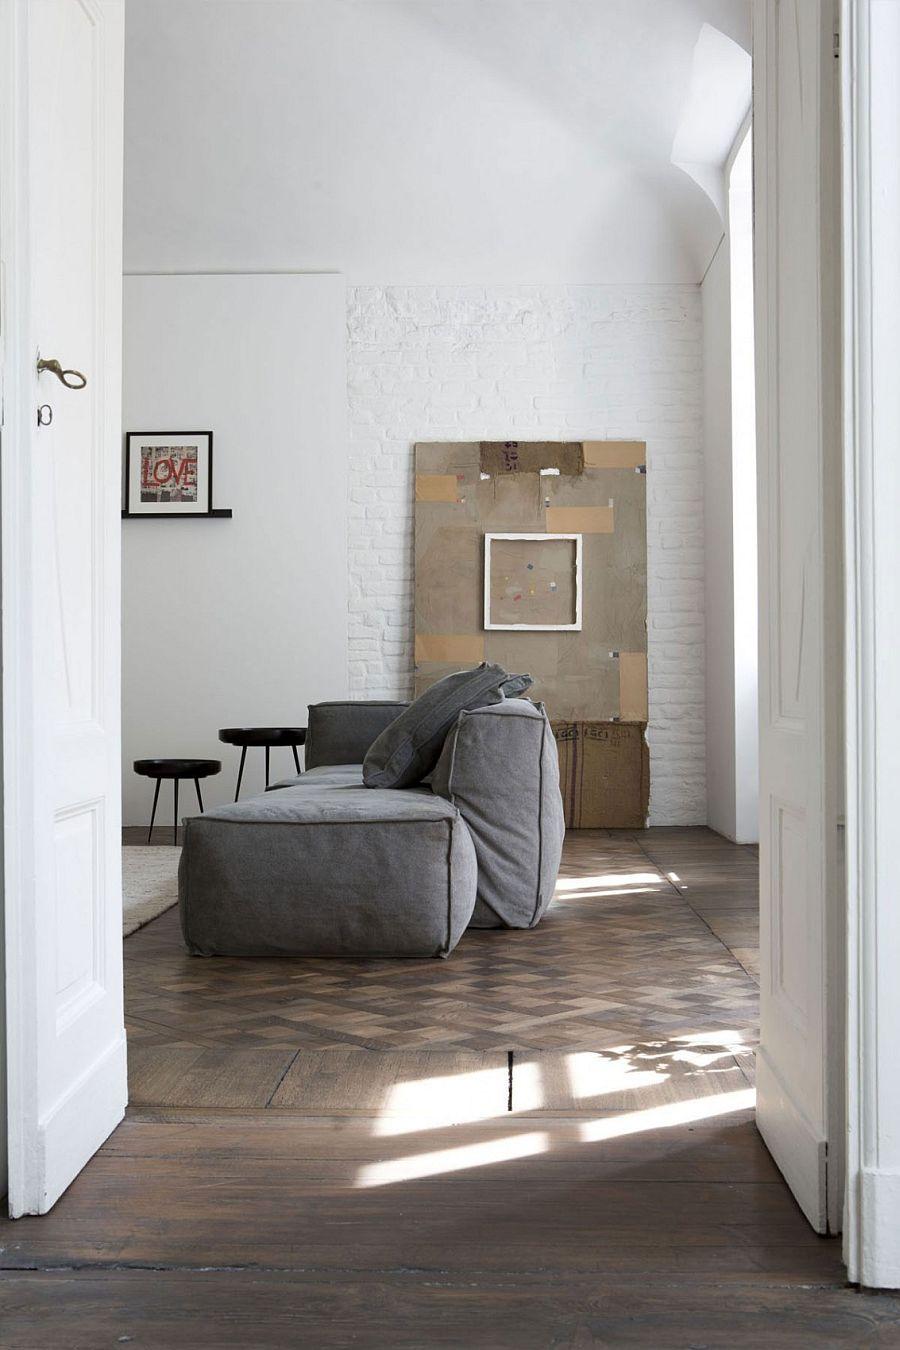 Simple black and white color scheme emphasizes on subtle detail